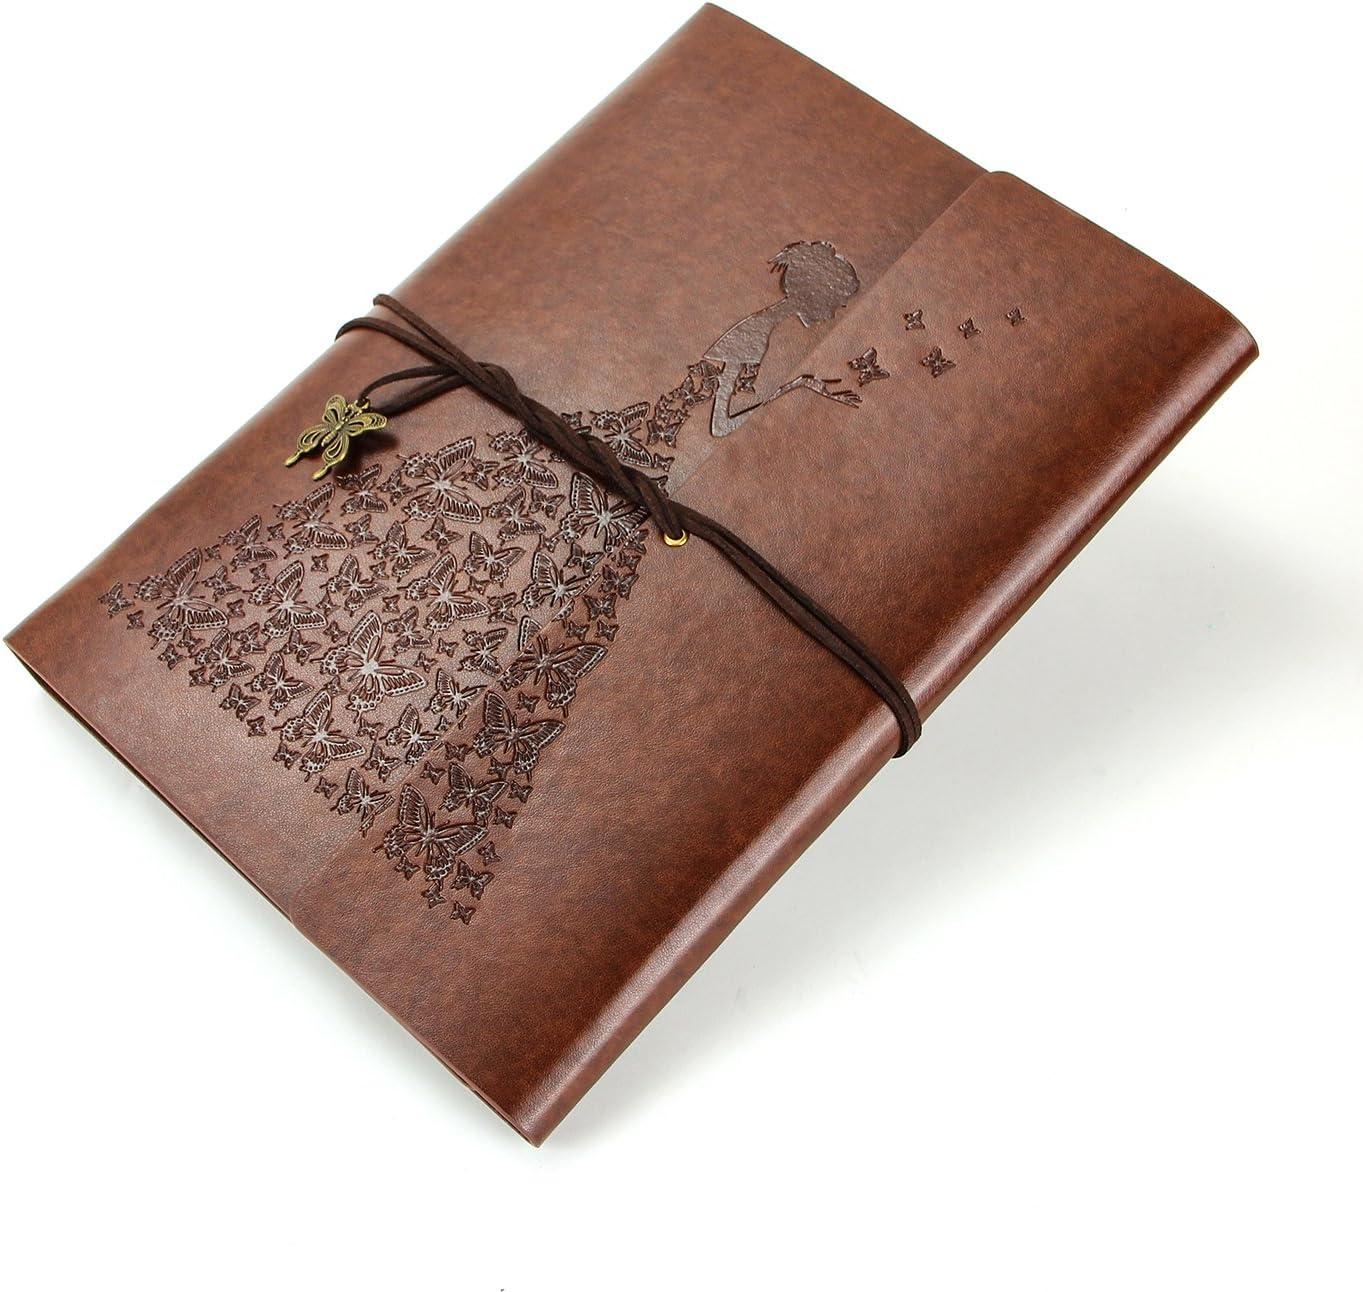 XIUJUAN Libreta Bonitas A5 Cuaderno Bloc de Notas Dibujo Hojas Blancas Cuero Vintage Journal Diary, Regalos Originales Navidad San Valentín Cumpleaños Aniversario Boda para Mujer Bariposa Niña, Marró